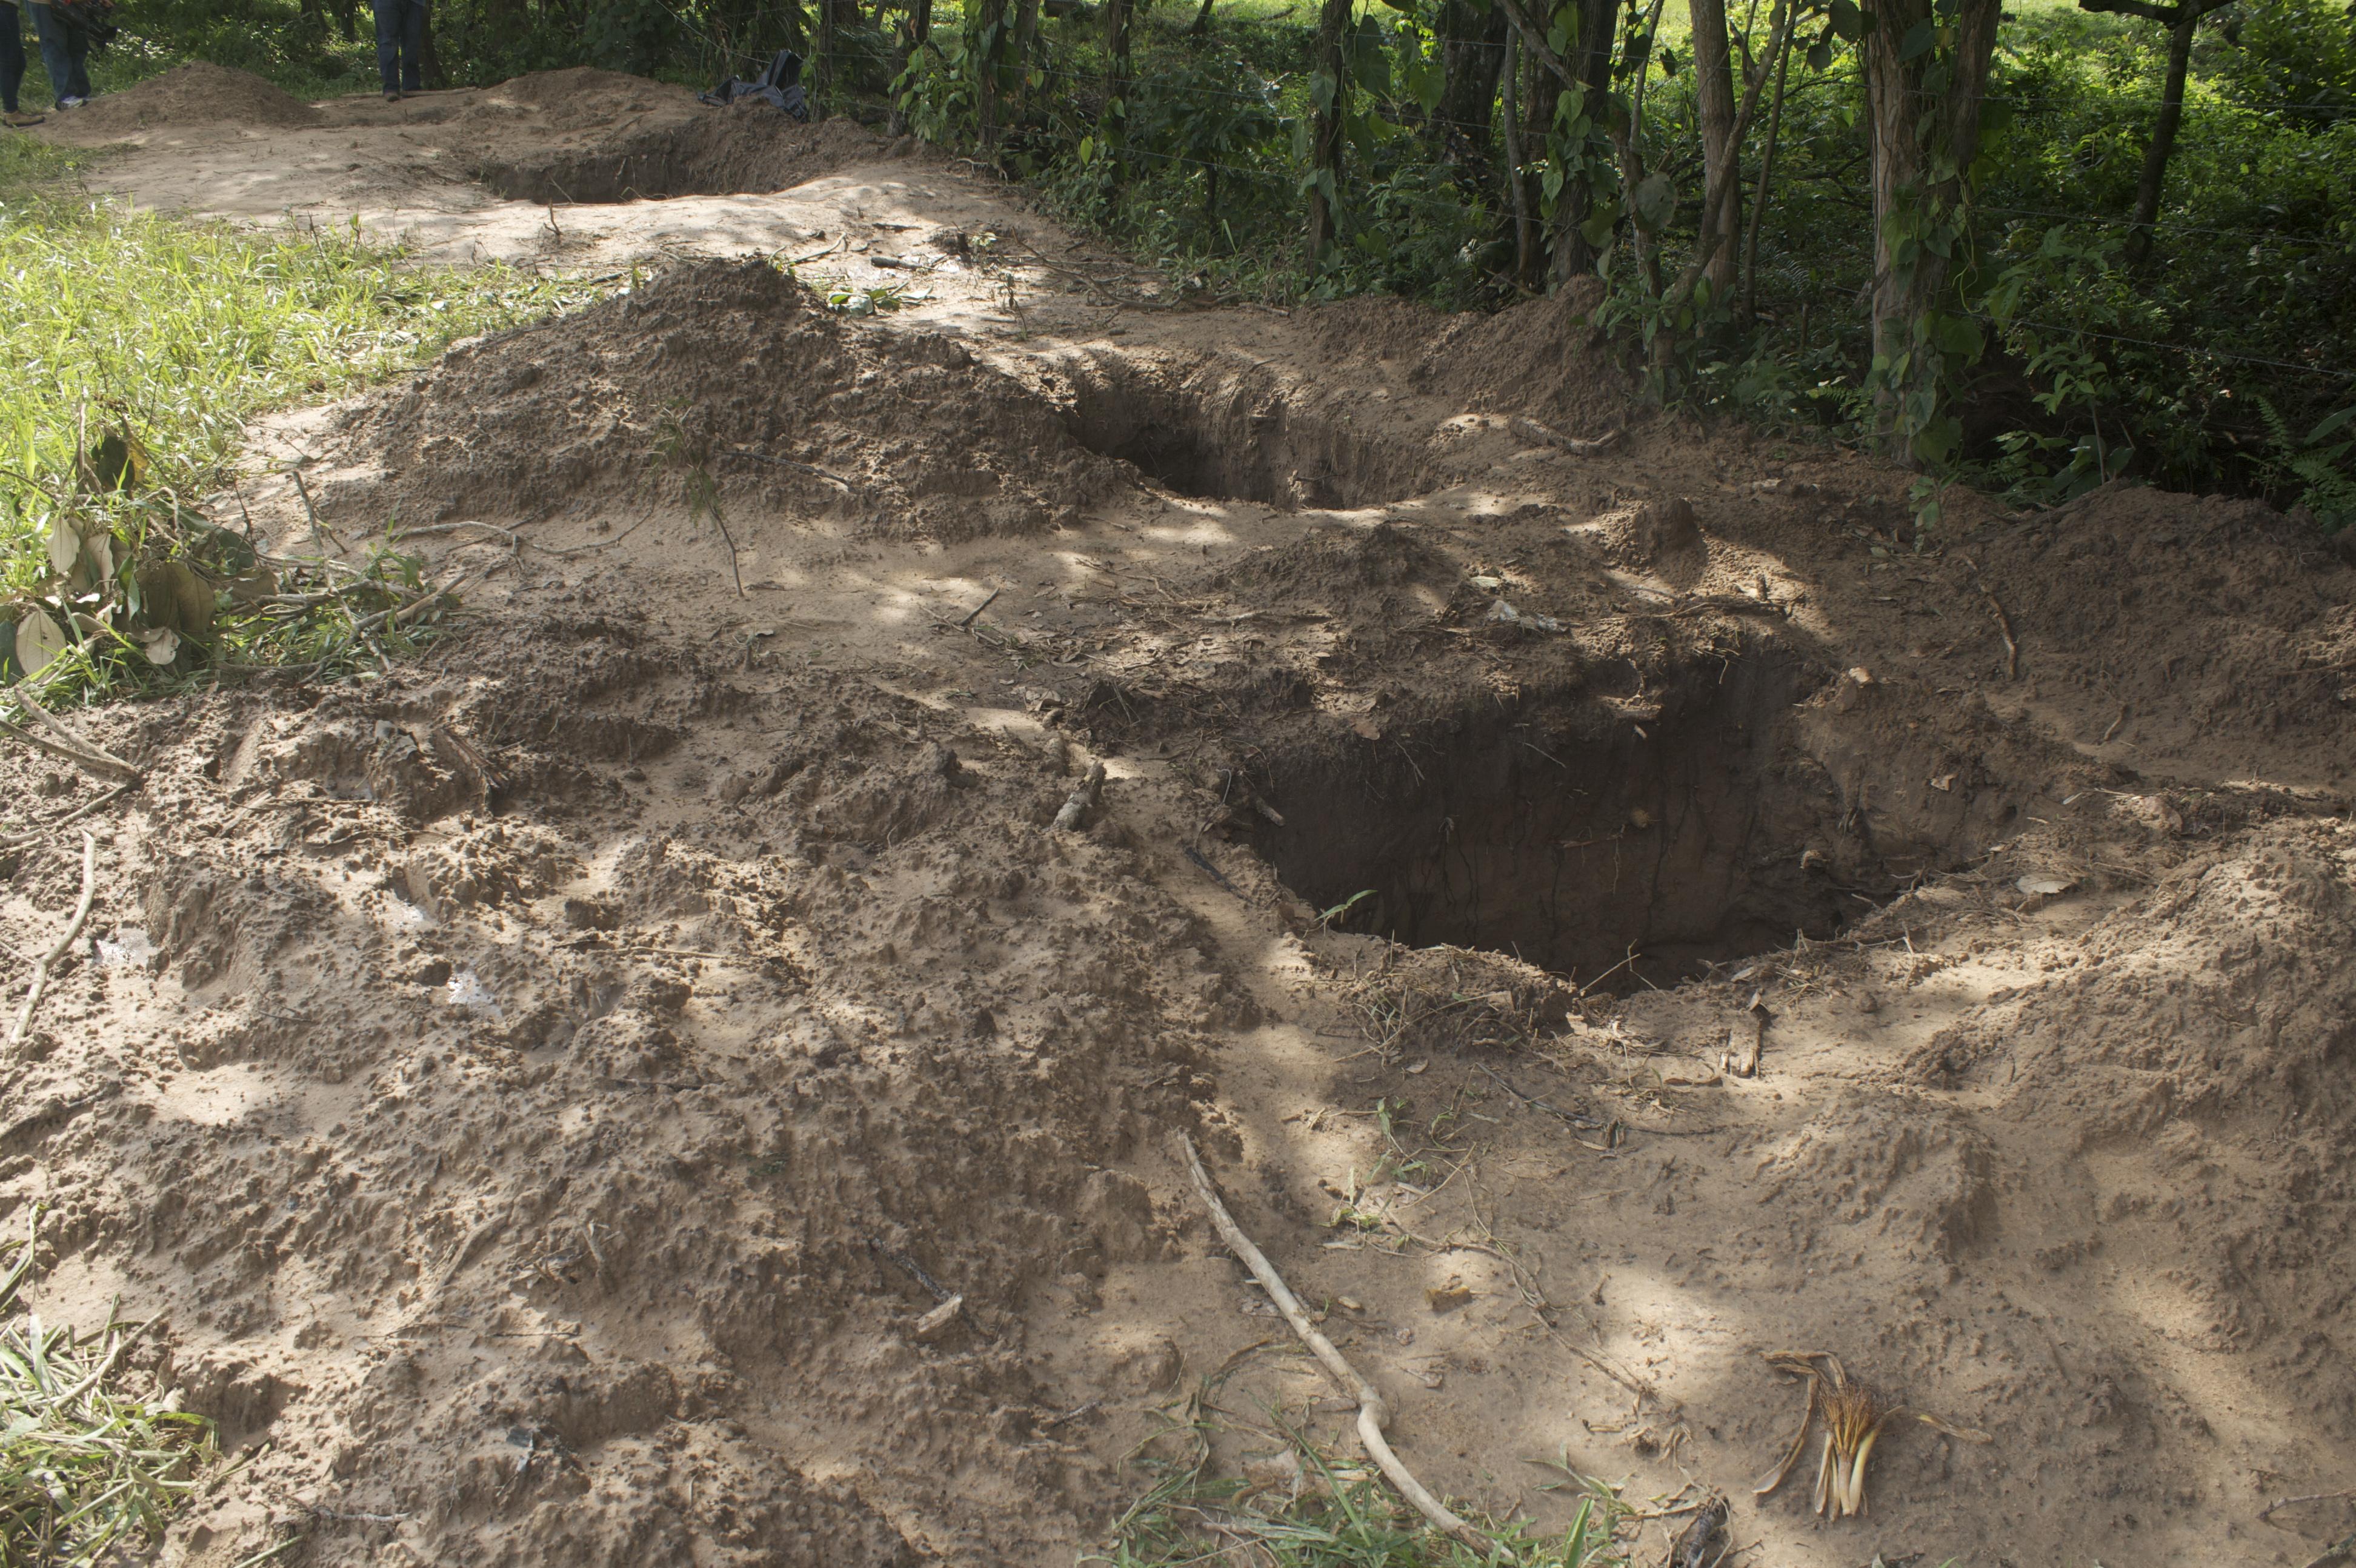 Colectivos desentierran esperanzas de fosas clandestinas en Veracruz